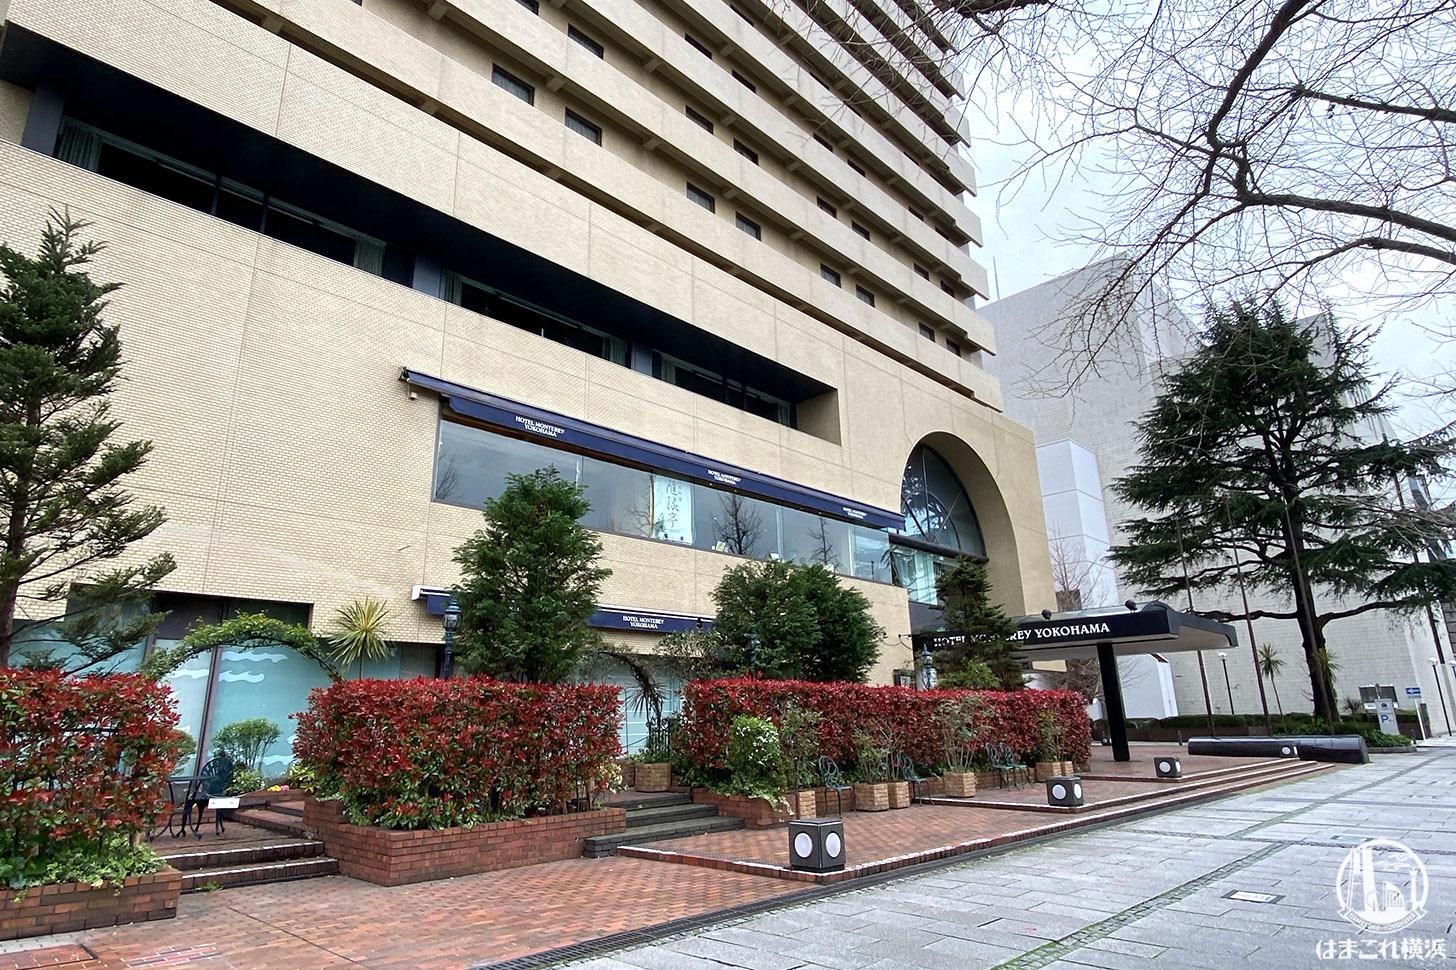 ホテルモントレ横浜、2020年5月末日に営業終了 5月1日からは休業